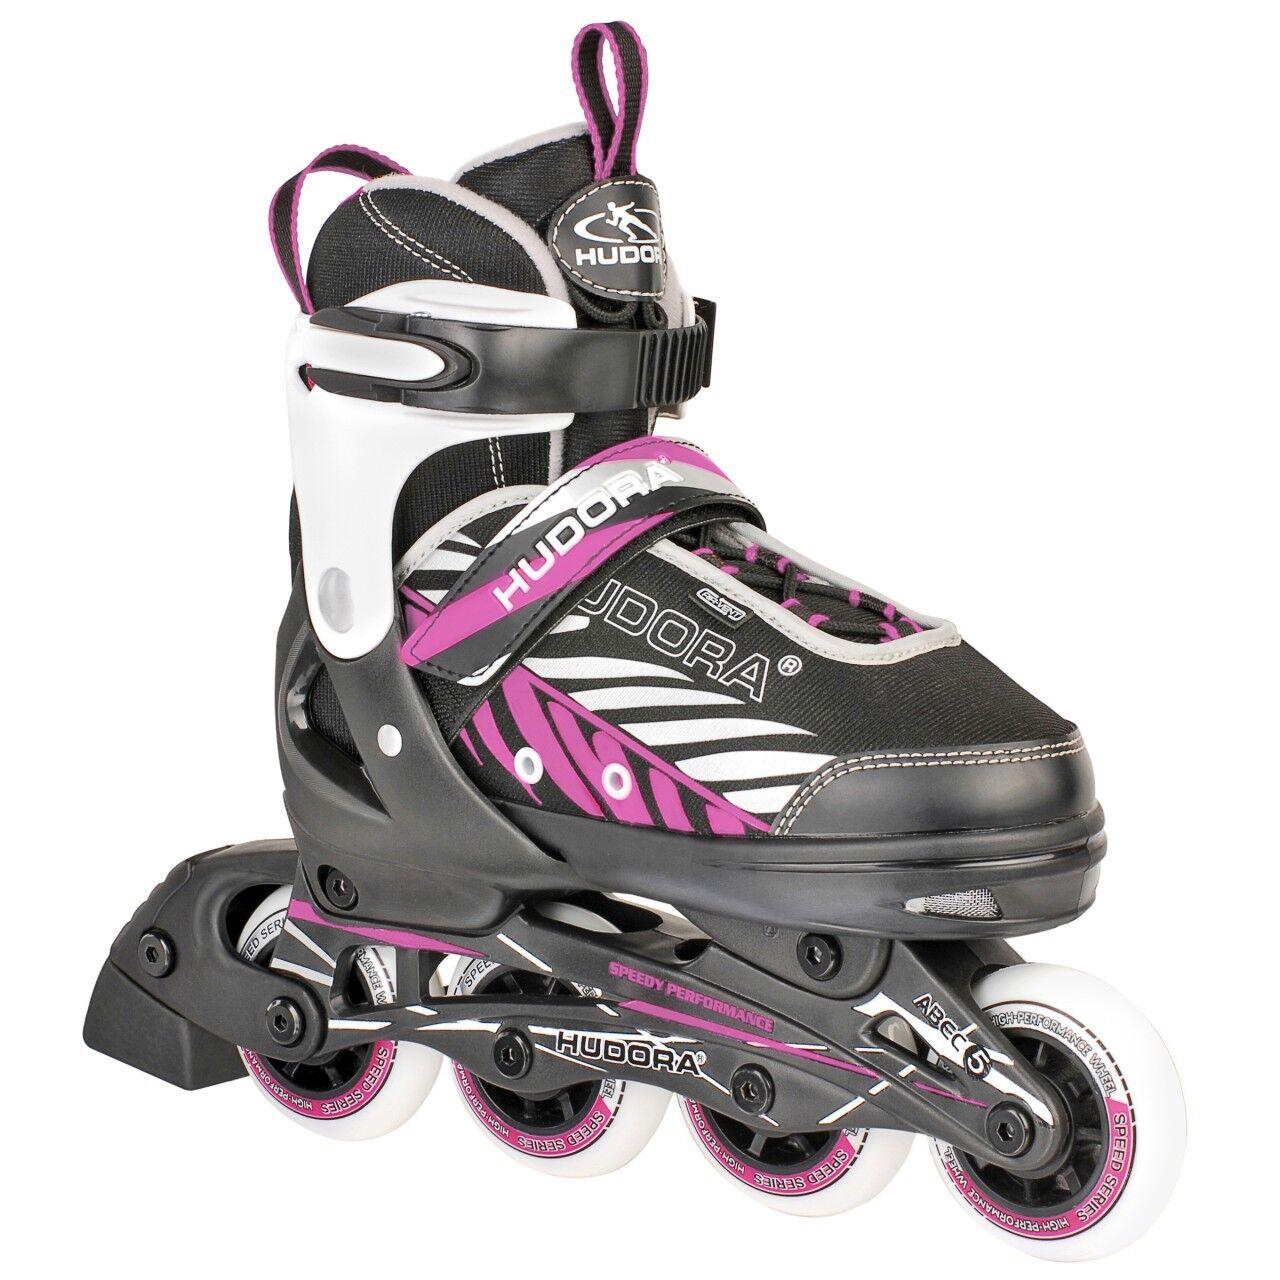 Hudora Kinderinliner Inliner Skater Mia, ABEC 5, Gr. 37-40, verstellbar